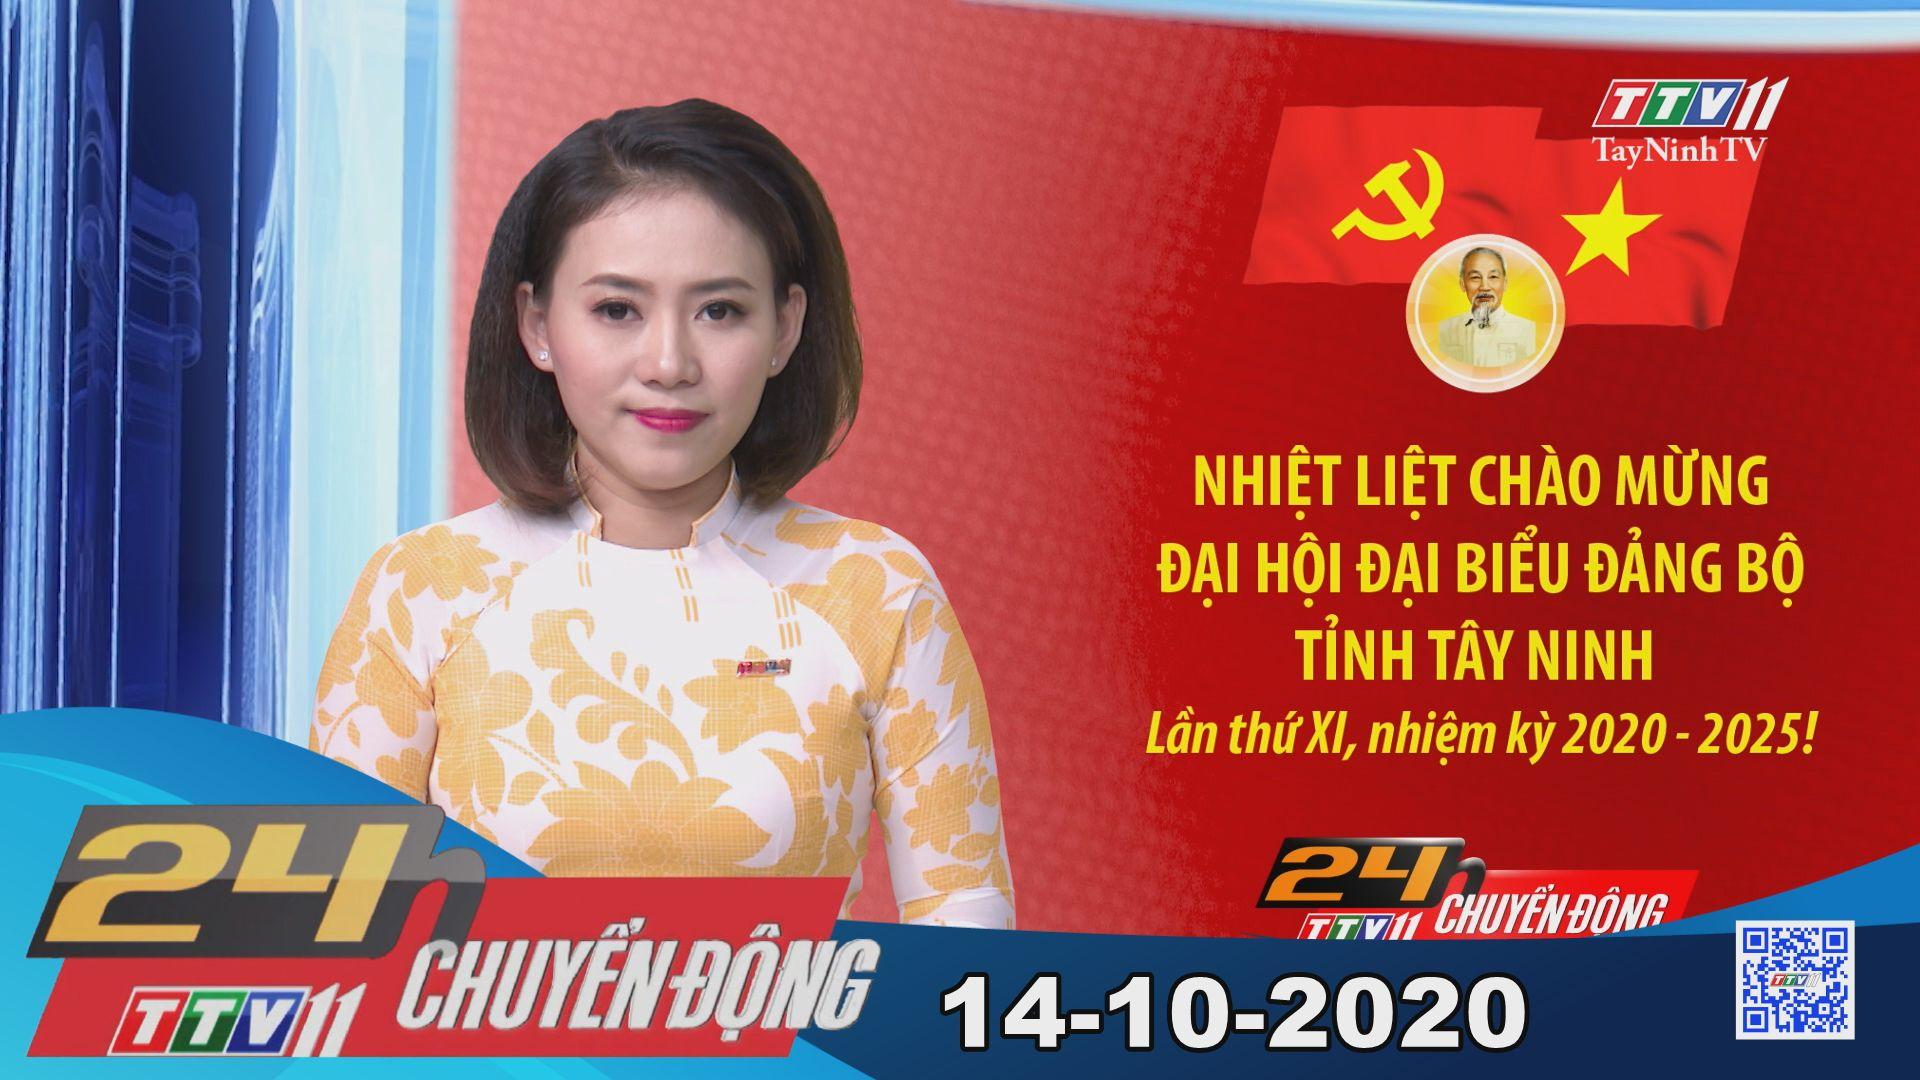 24h Chuyển động 14-10-2020 | Tin tức hôm nay | TayNinhTV